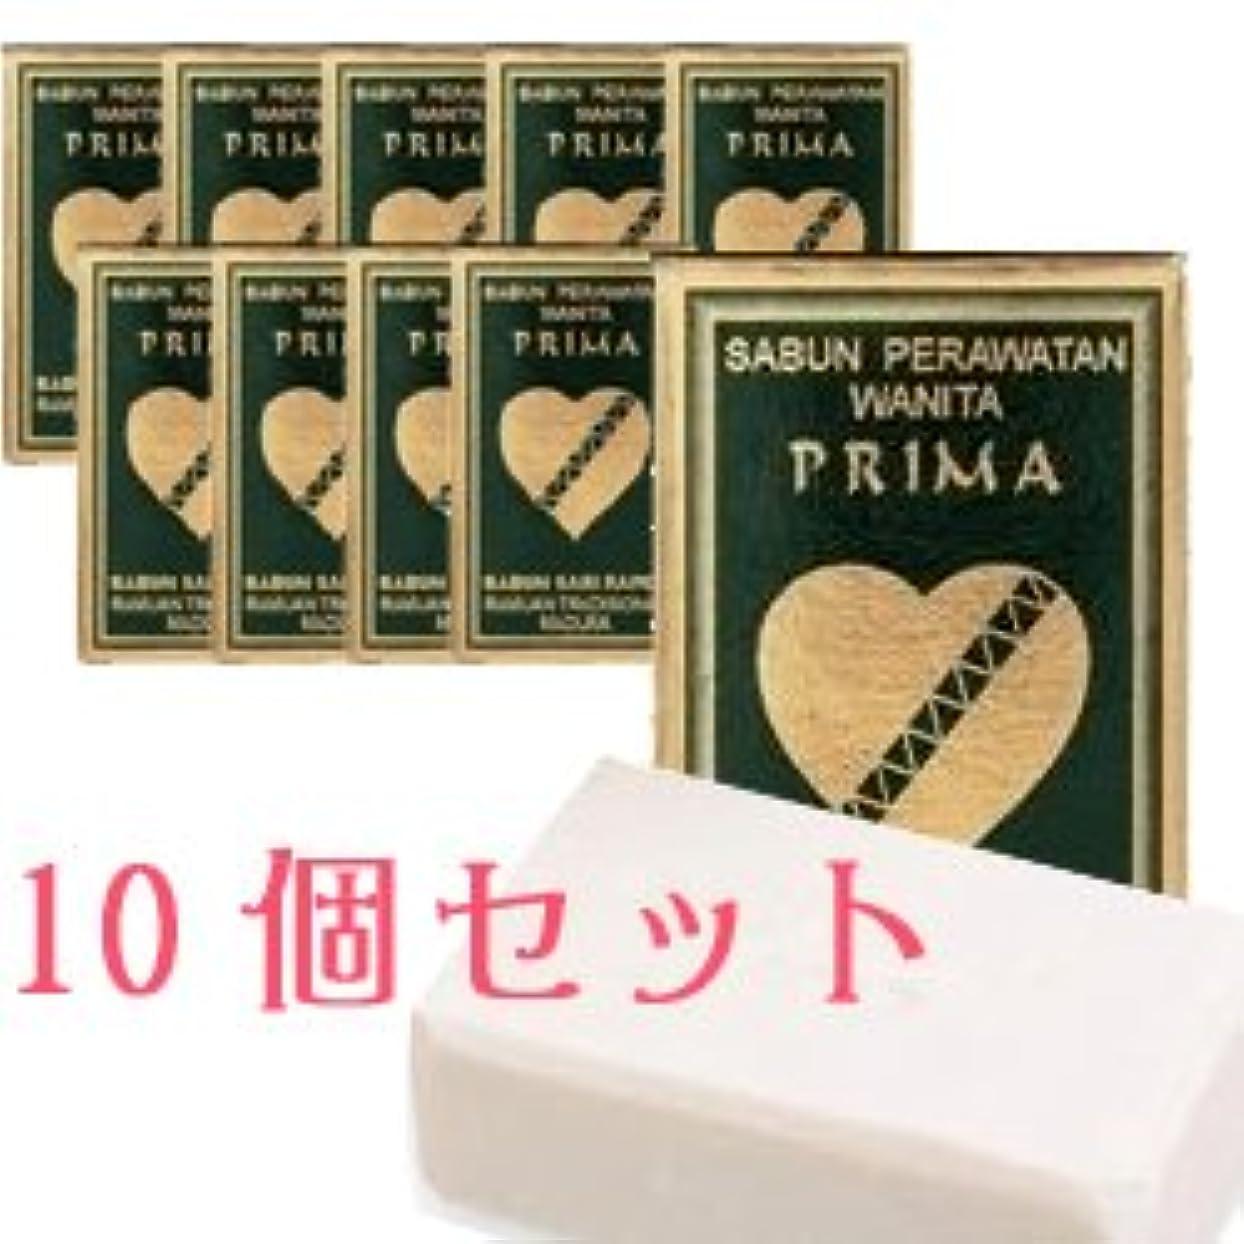 素晴らしさ感謝する続けるプリマ サリラペソープ 80g 10個セット 【並行輸入品】